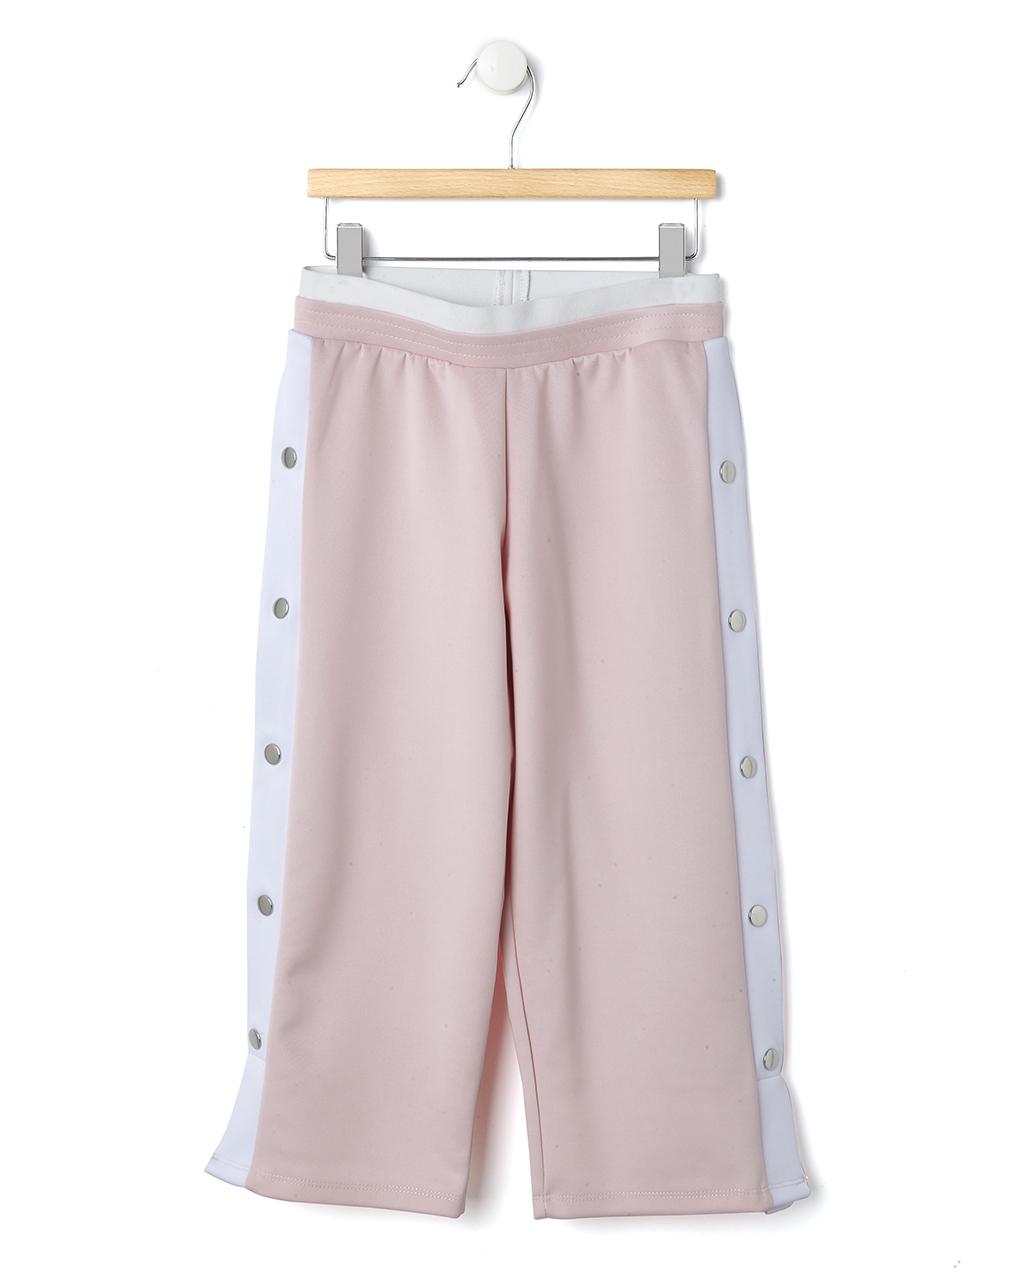 Παντελόνι Ροζ- Λευκό με Κουμπιά τρουκς για Κορίτσι